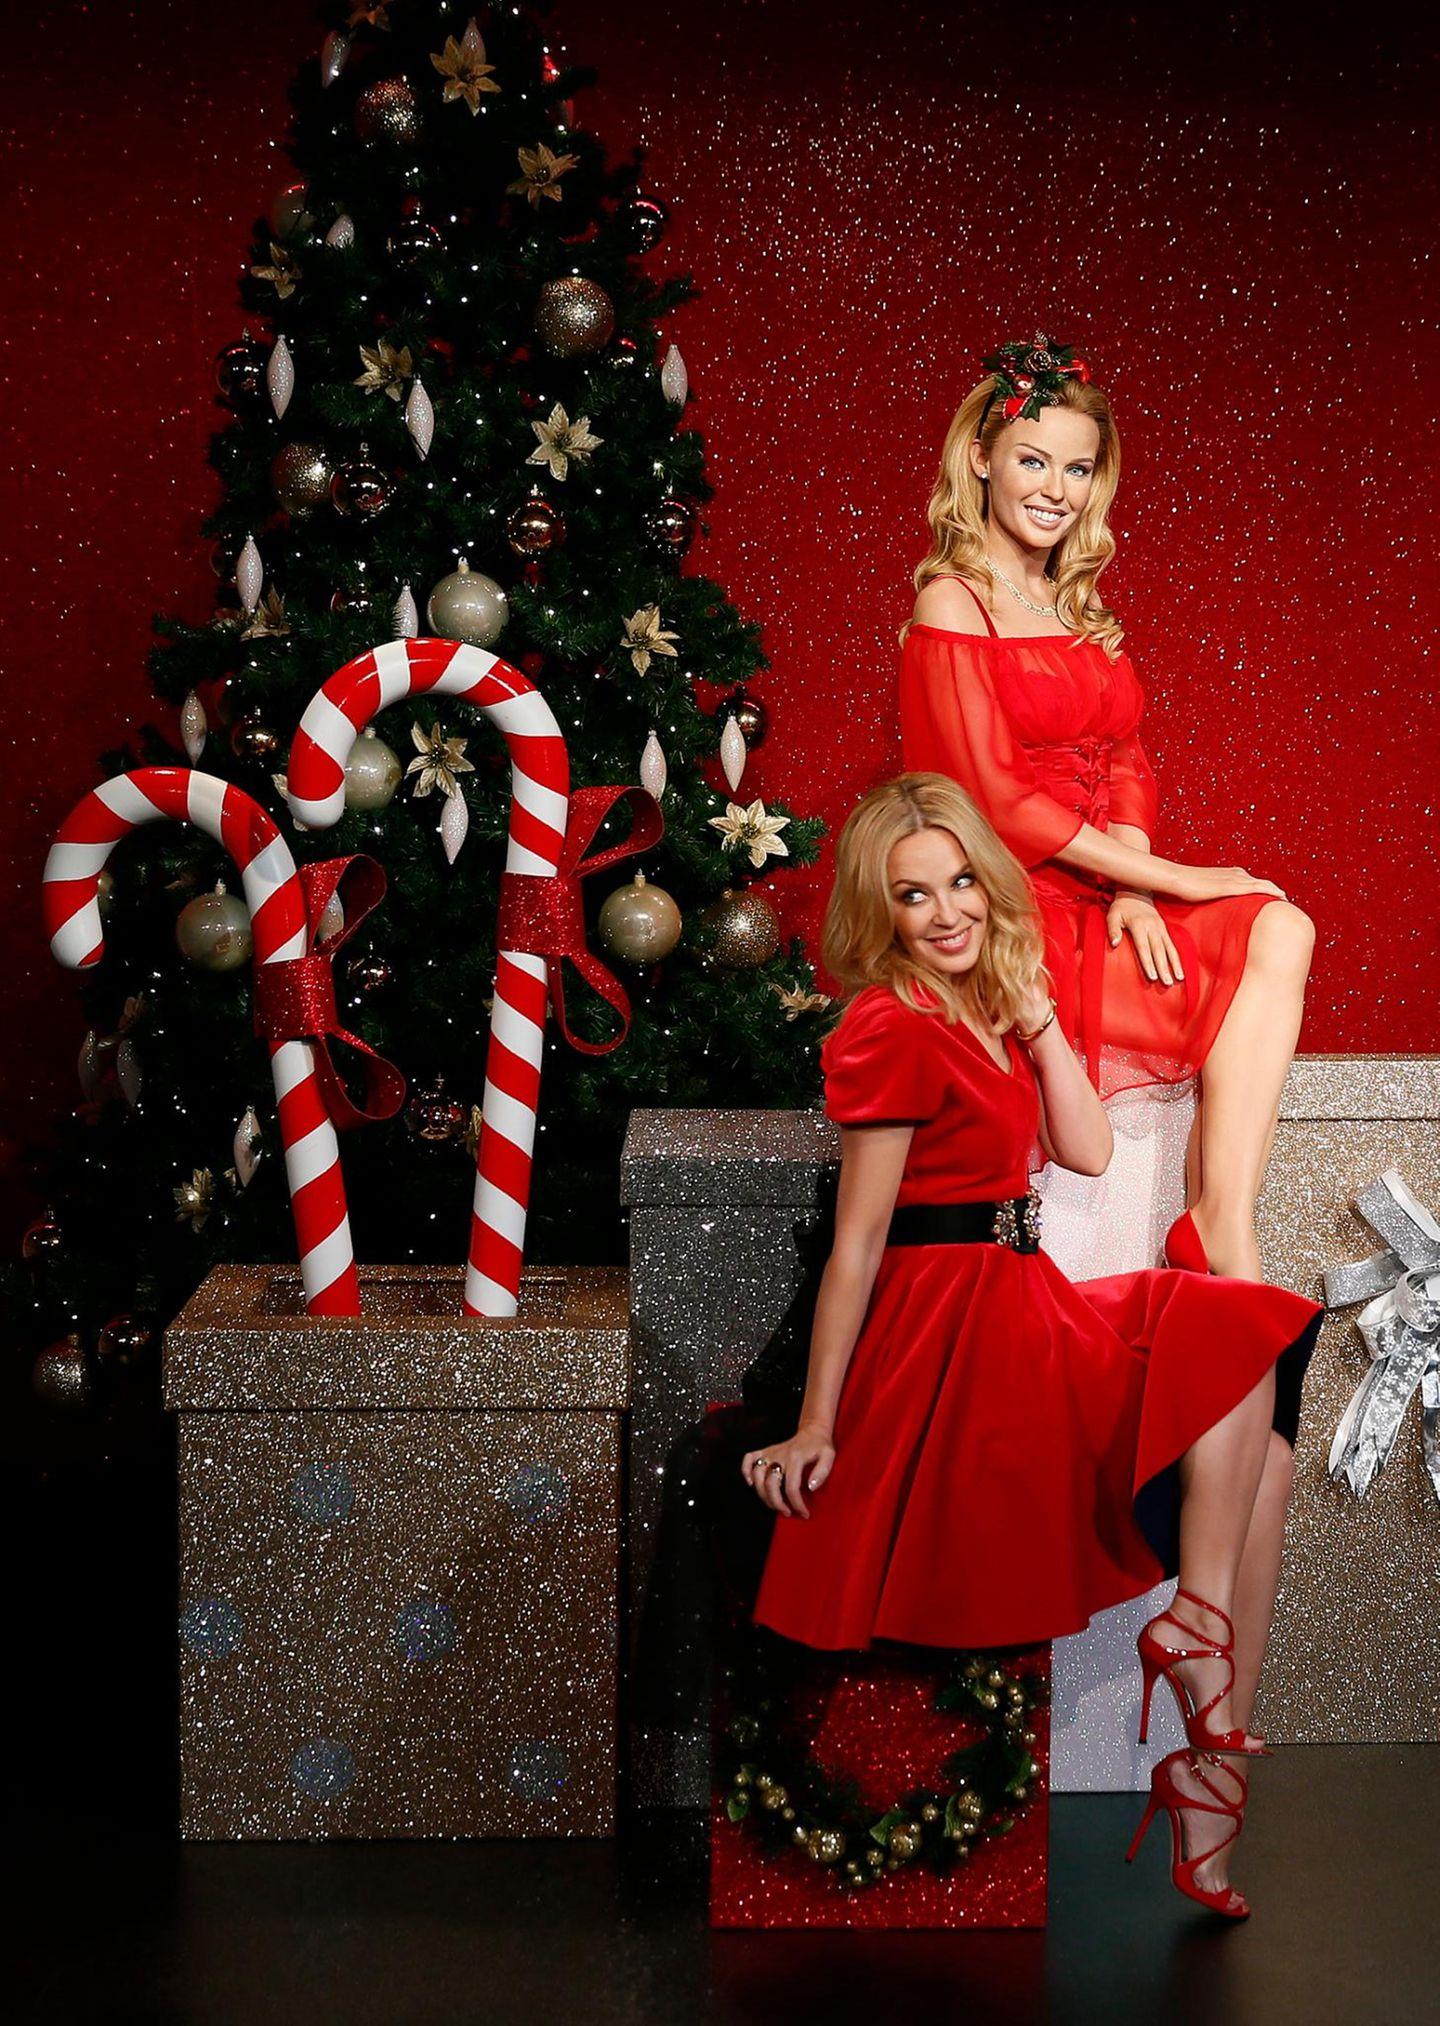 Eine Pose schöner als die andere: Bei Madame Tussauds in London macht Kylie Minogue es sich mit ihrem Wachsdouble vor'm Weihnachtsbaum gemütlich.